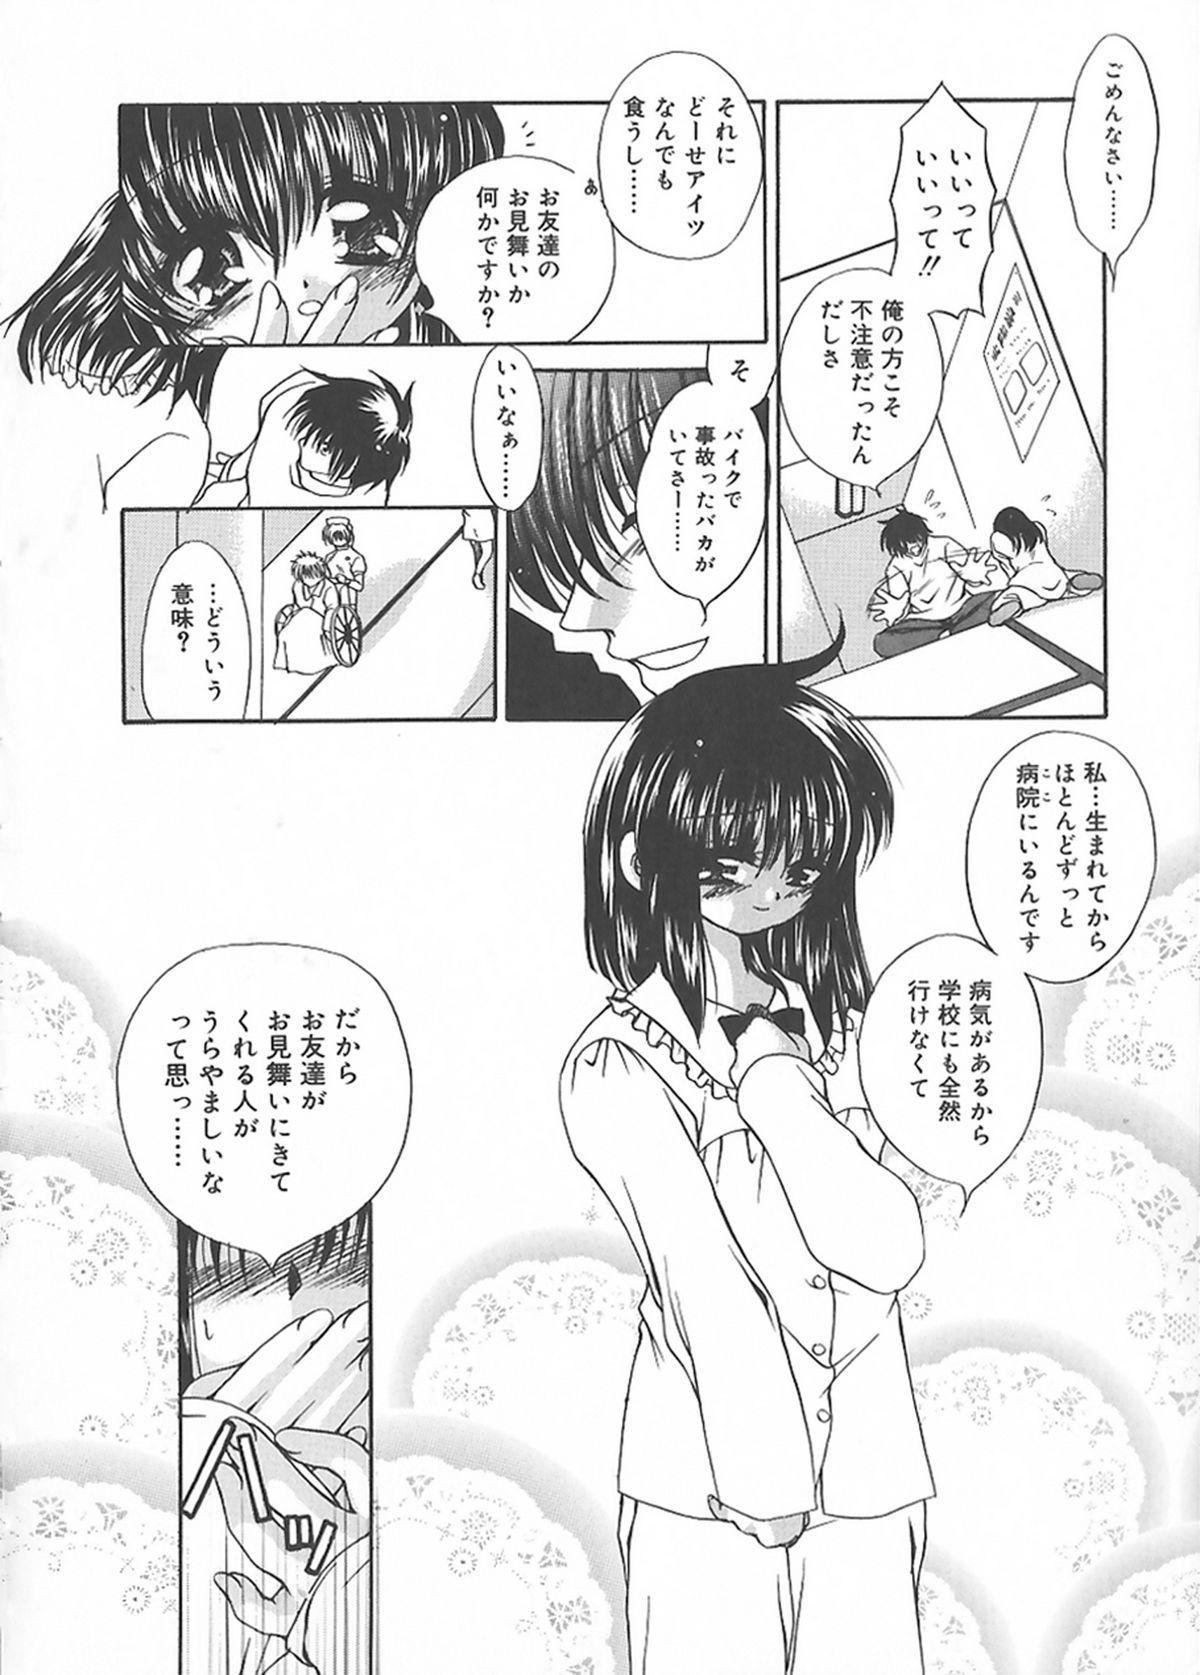 Cream Tengoku - Shinsouban 69